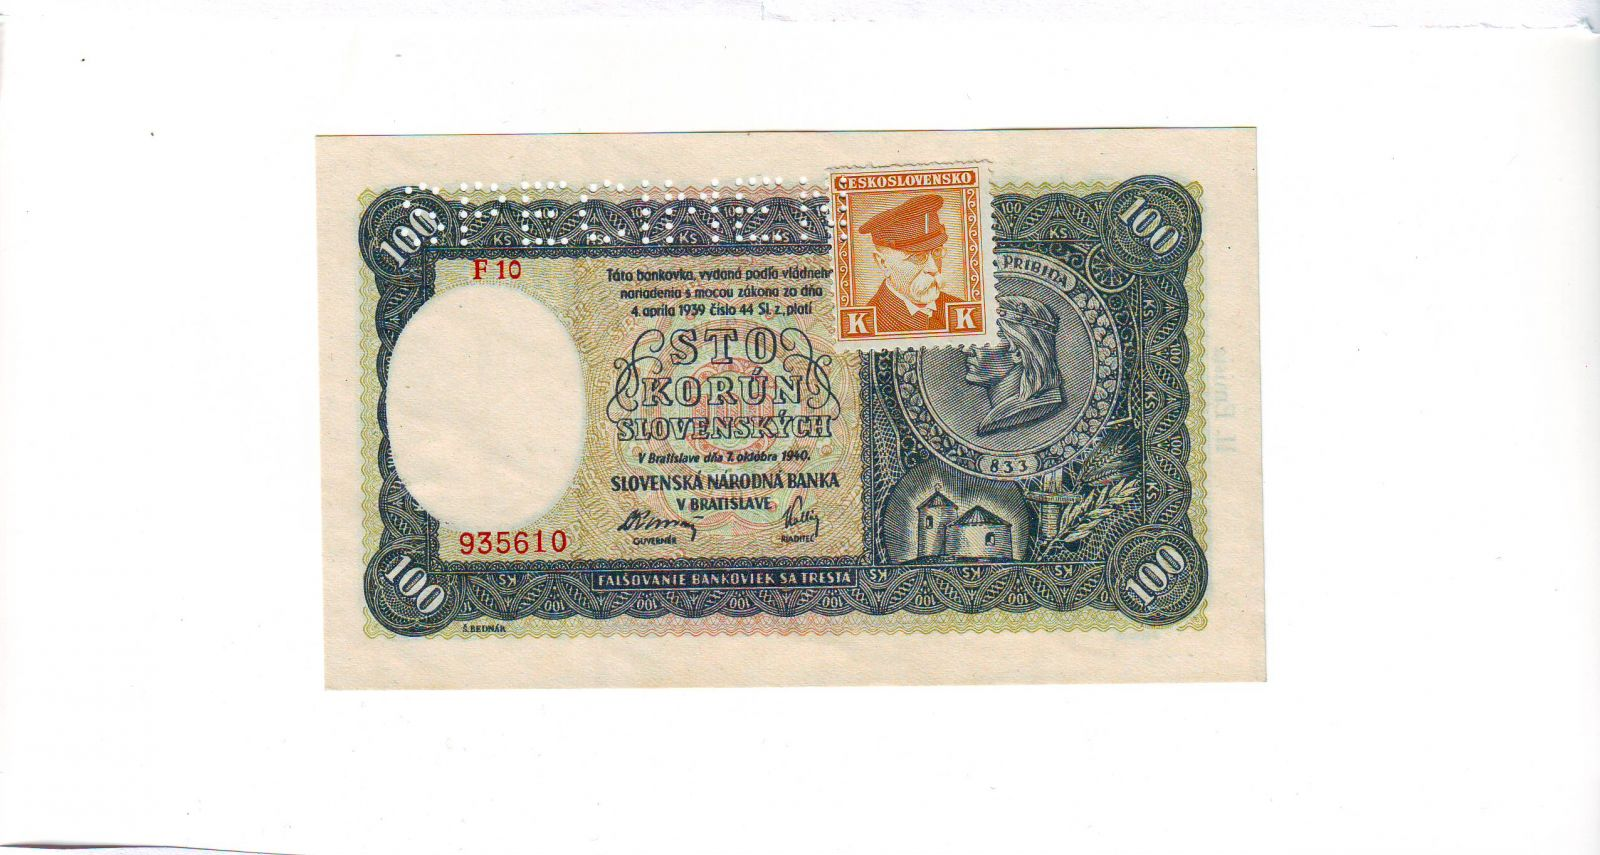 100Ks/1940-kolek ČSR/, stav UNC perf. SPECIMEN, série F 10 - II.vydání